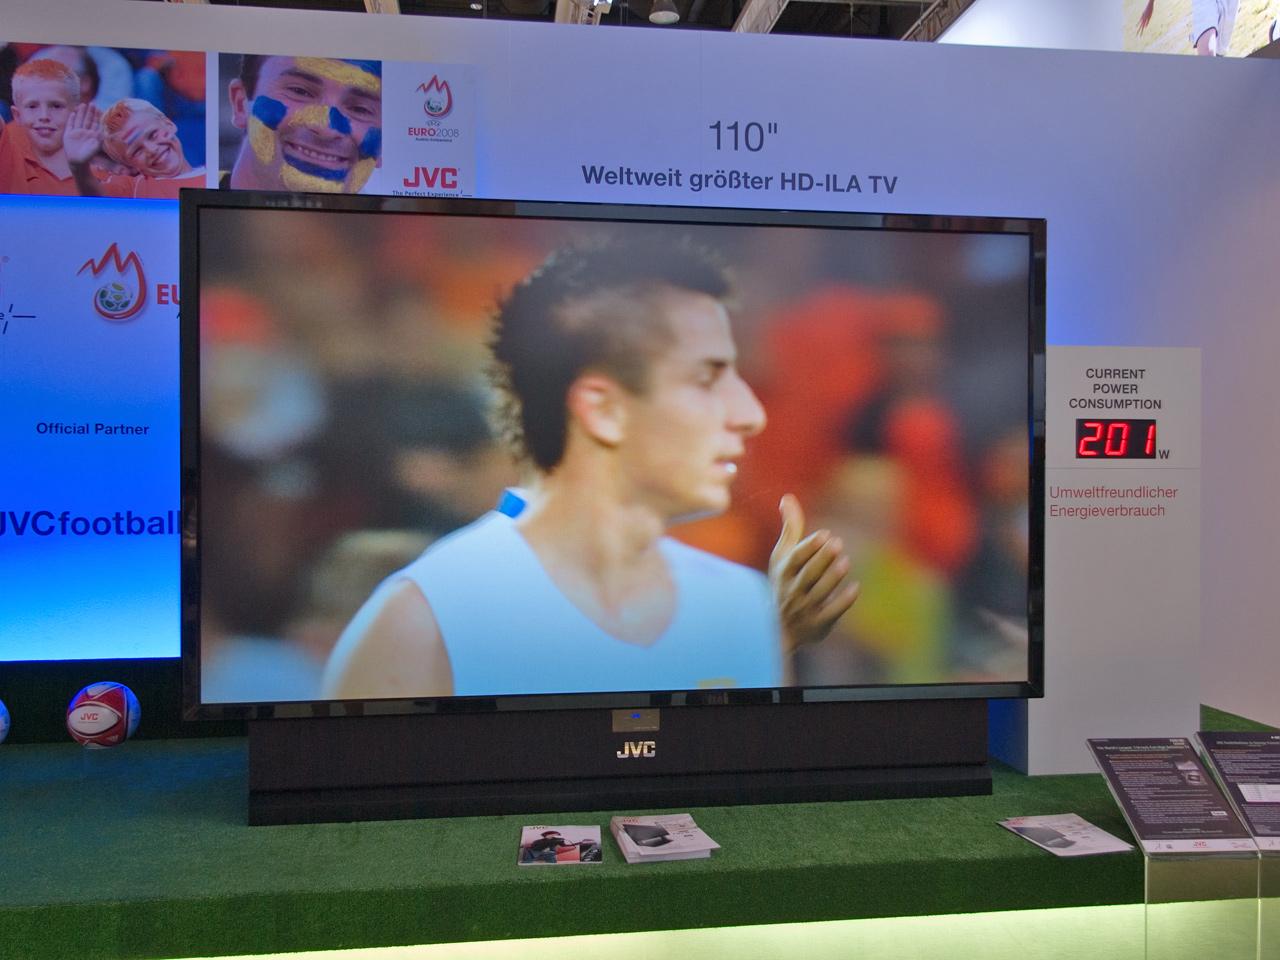 Rückpro-Fernseher von JVC mit Full-HD bis 110 Zoll